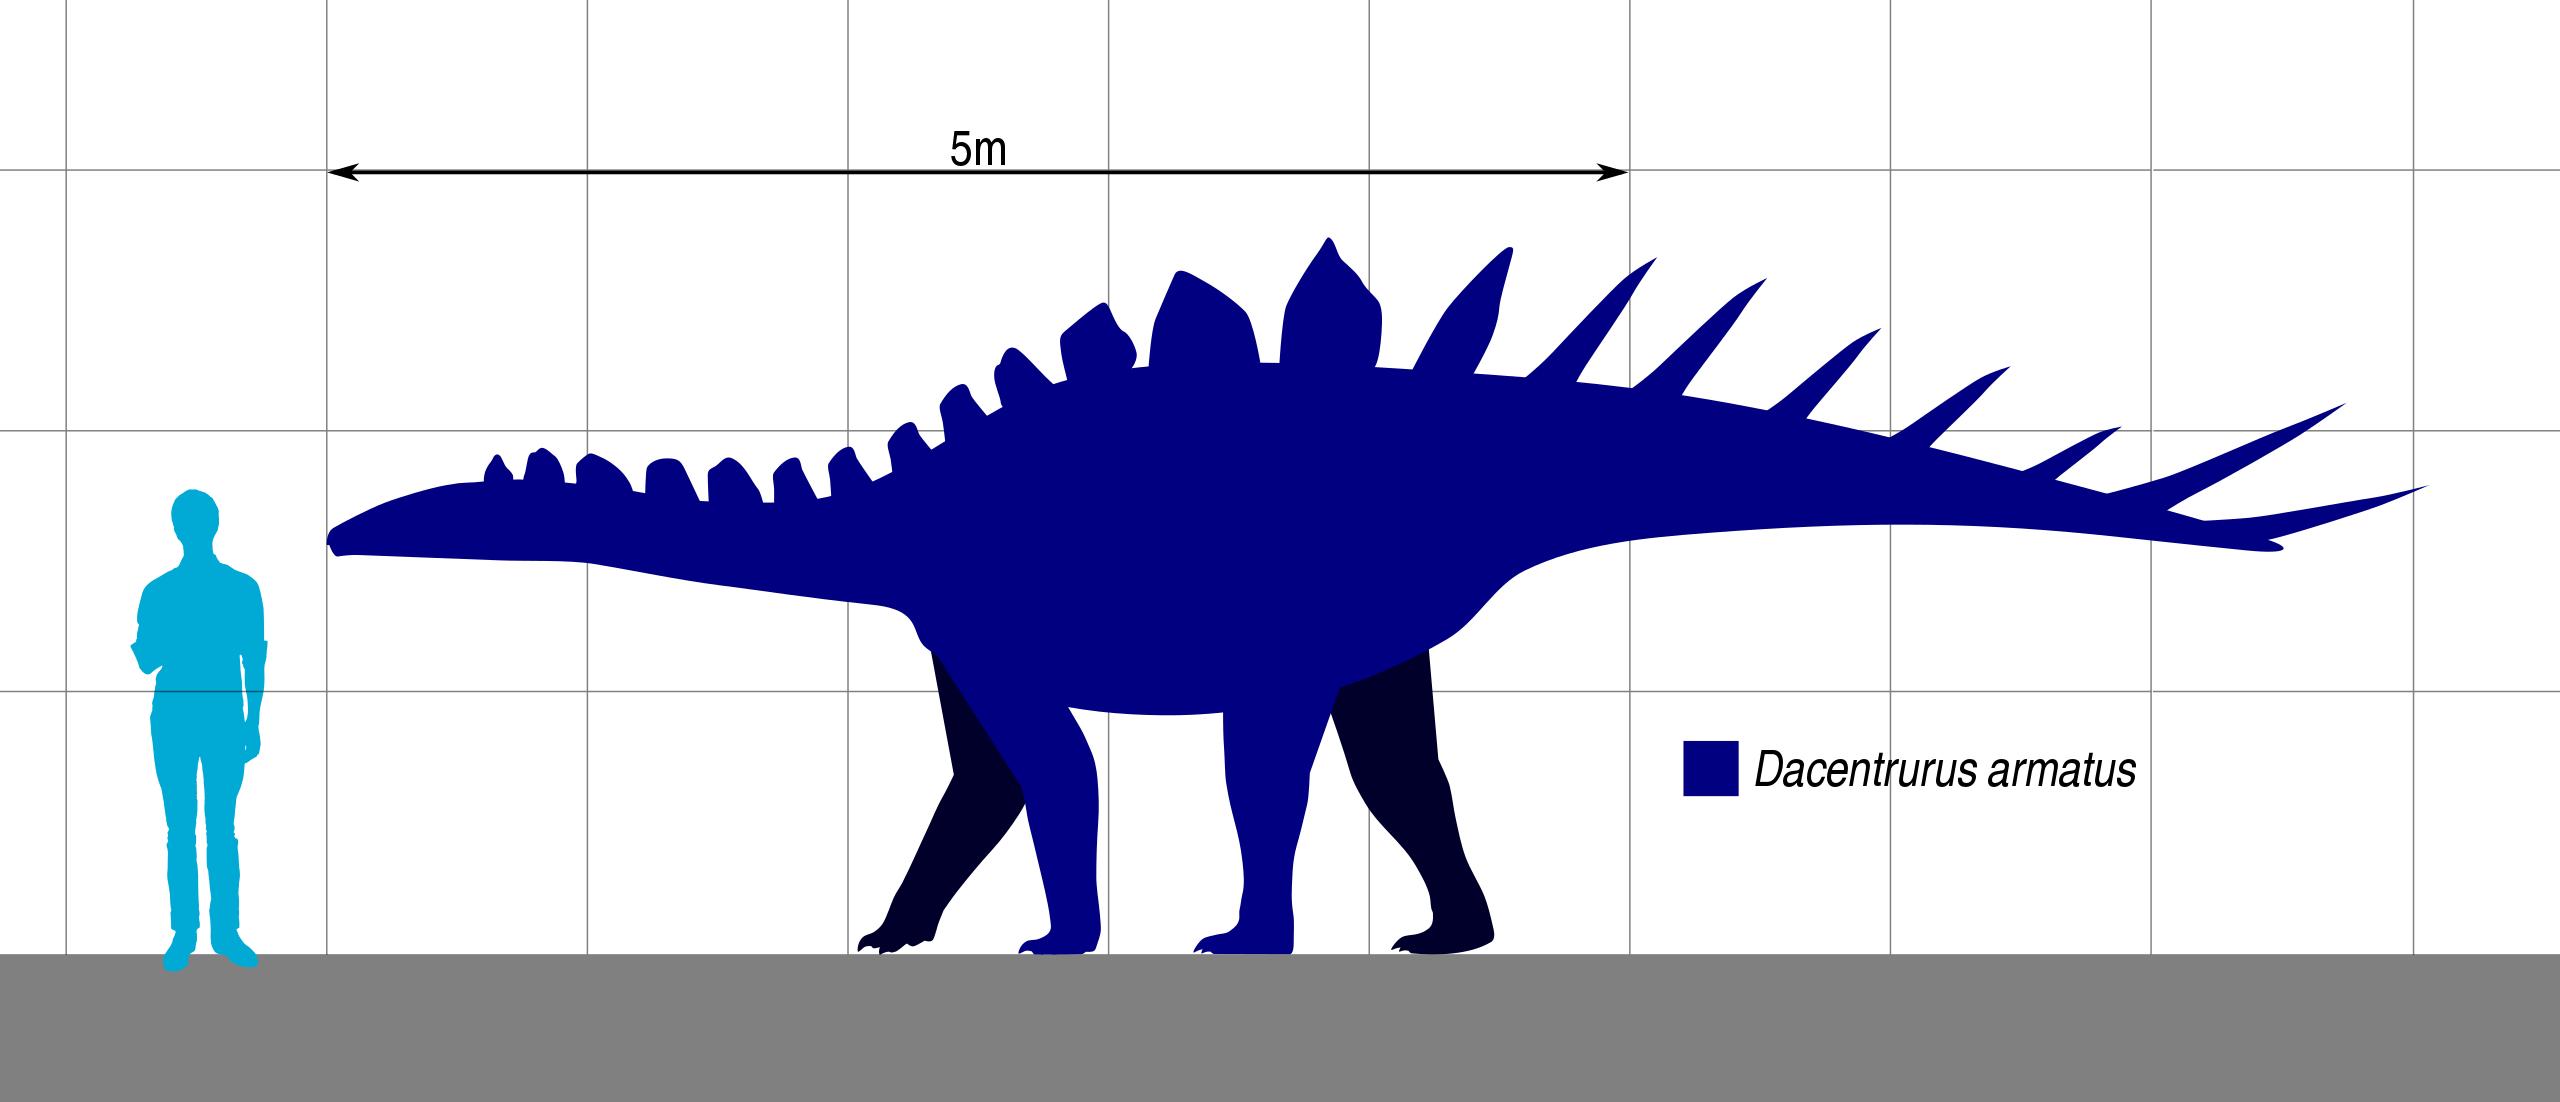 Velikostní porovnání dospělého člověka a průměrně velkého exempláře druhu Dacentrurus armatus. Největší zástupci tohoto stegosaurida mohli být dlouzí i přes 10 metrů a vážili patrně více než 7 tun. Jsou tak největšími dnes známými stegosauridy vůbec.